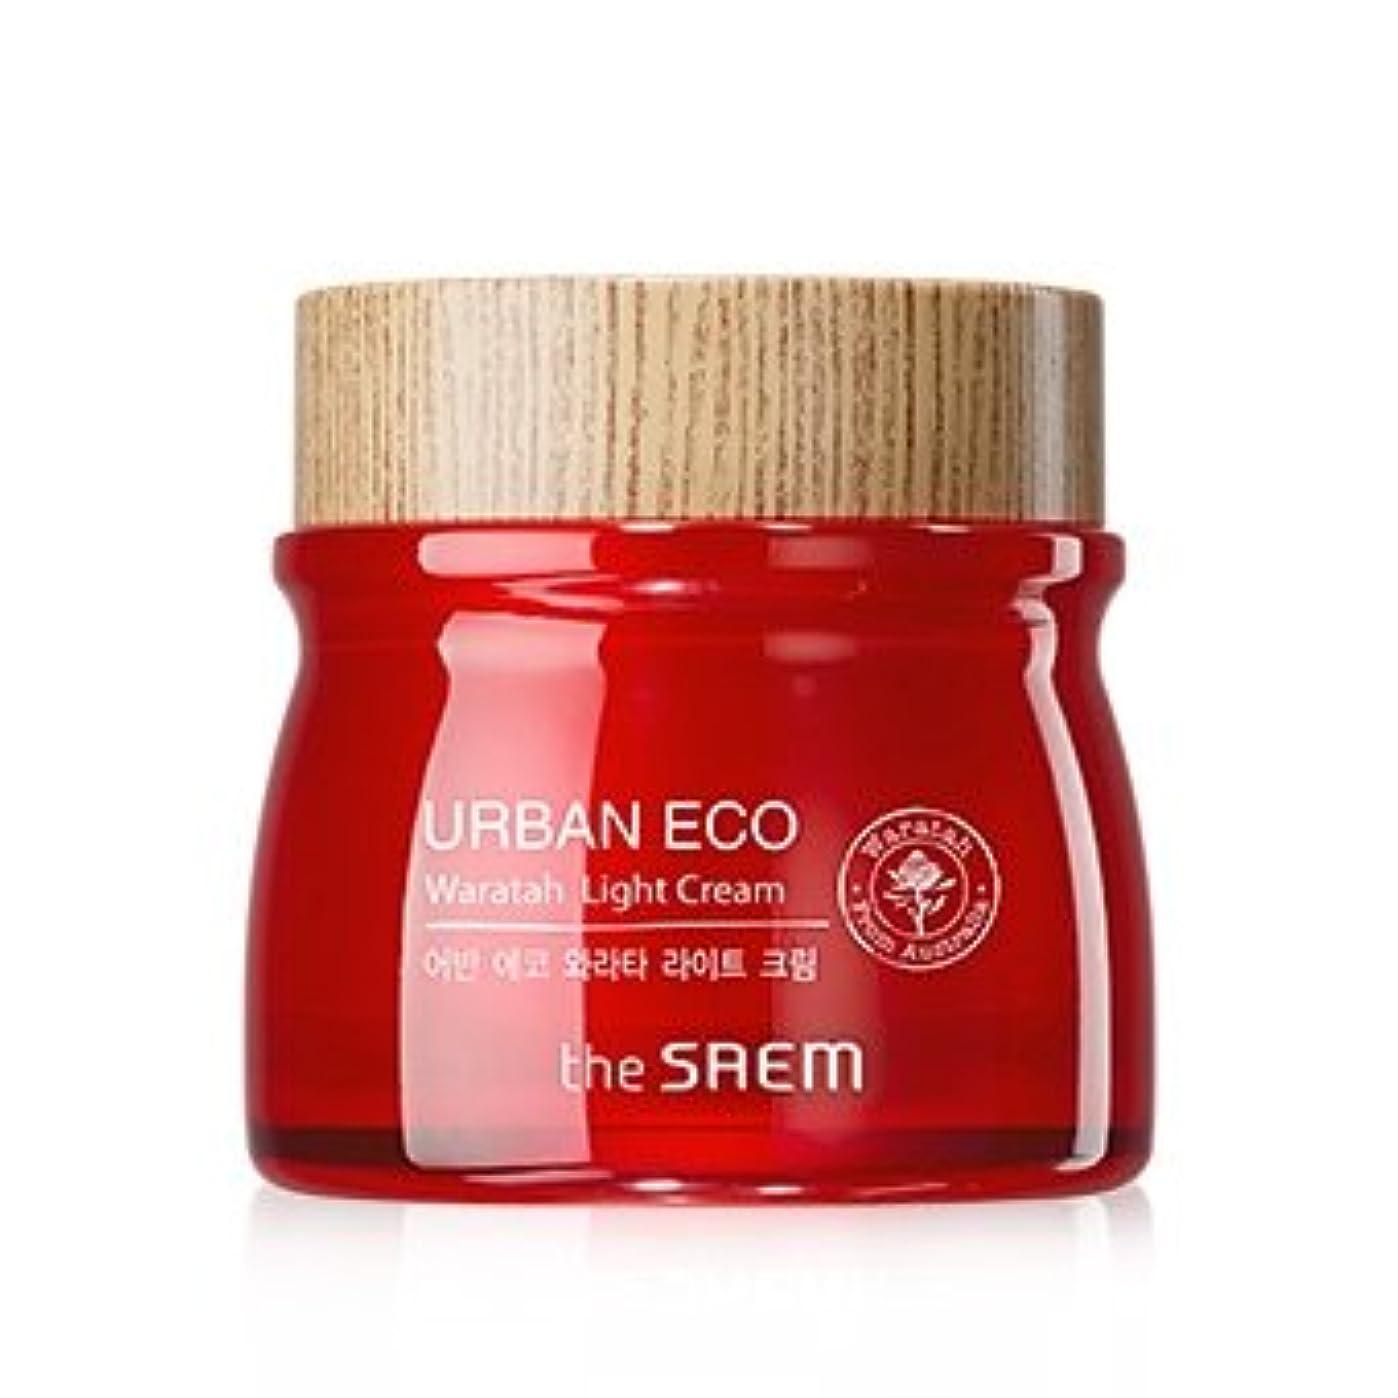 有害おとこ一過性The Saem Urban Eco Waratah Light Cream 60ml ドセム アーバンエコワラターライトクリーム60ml[並行輸入品]